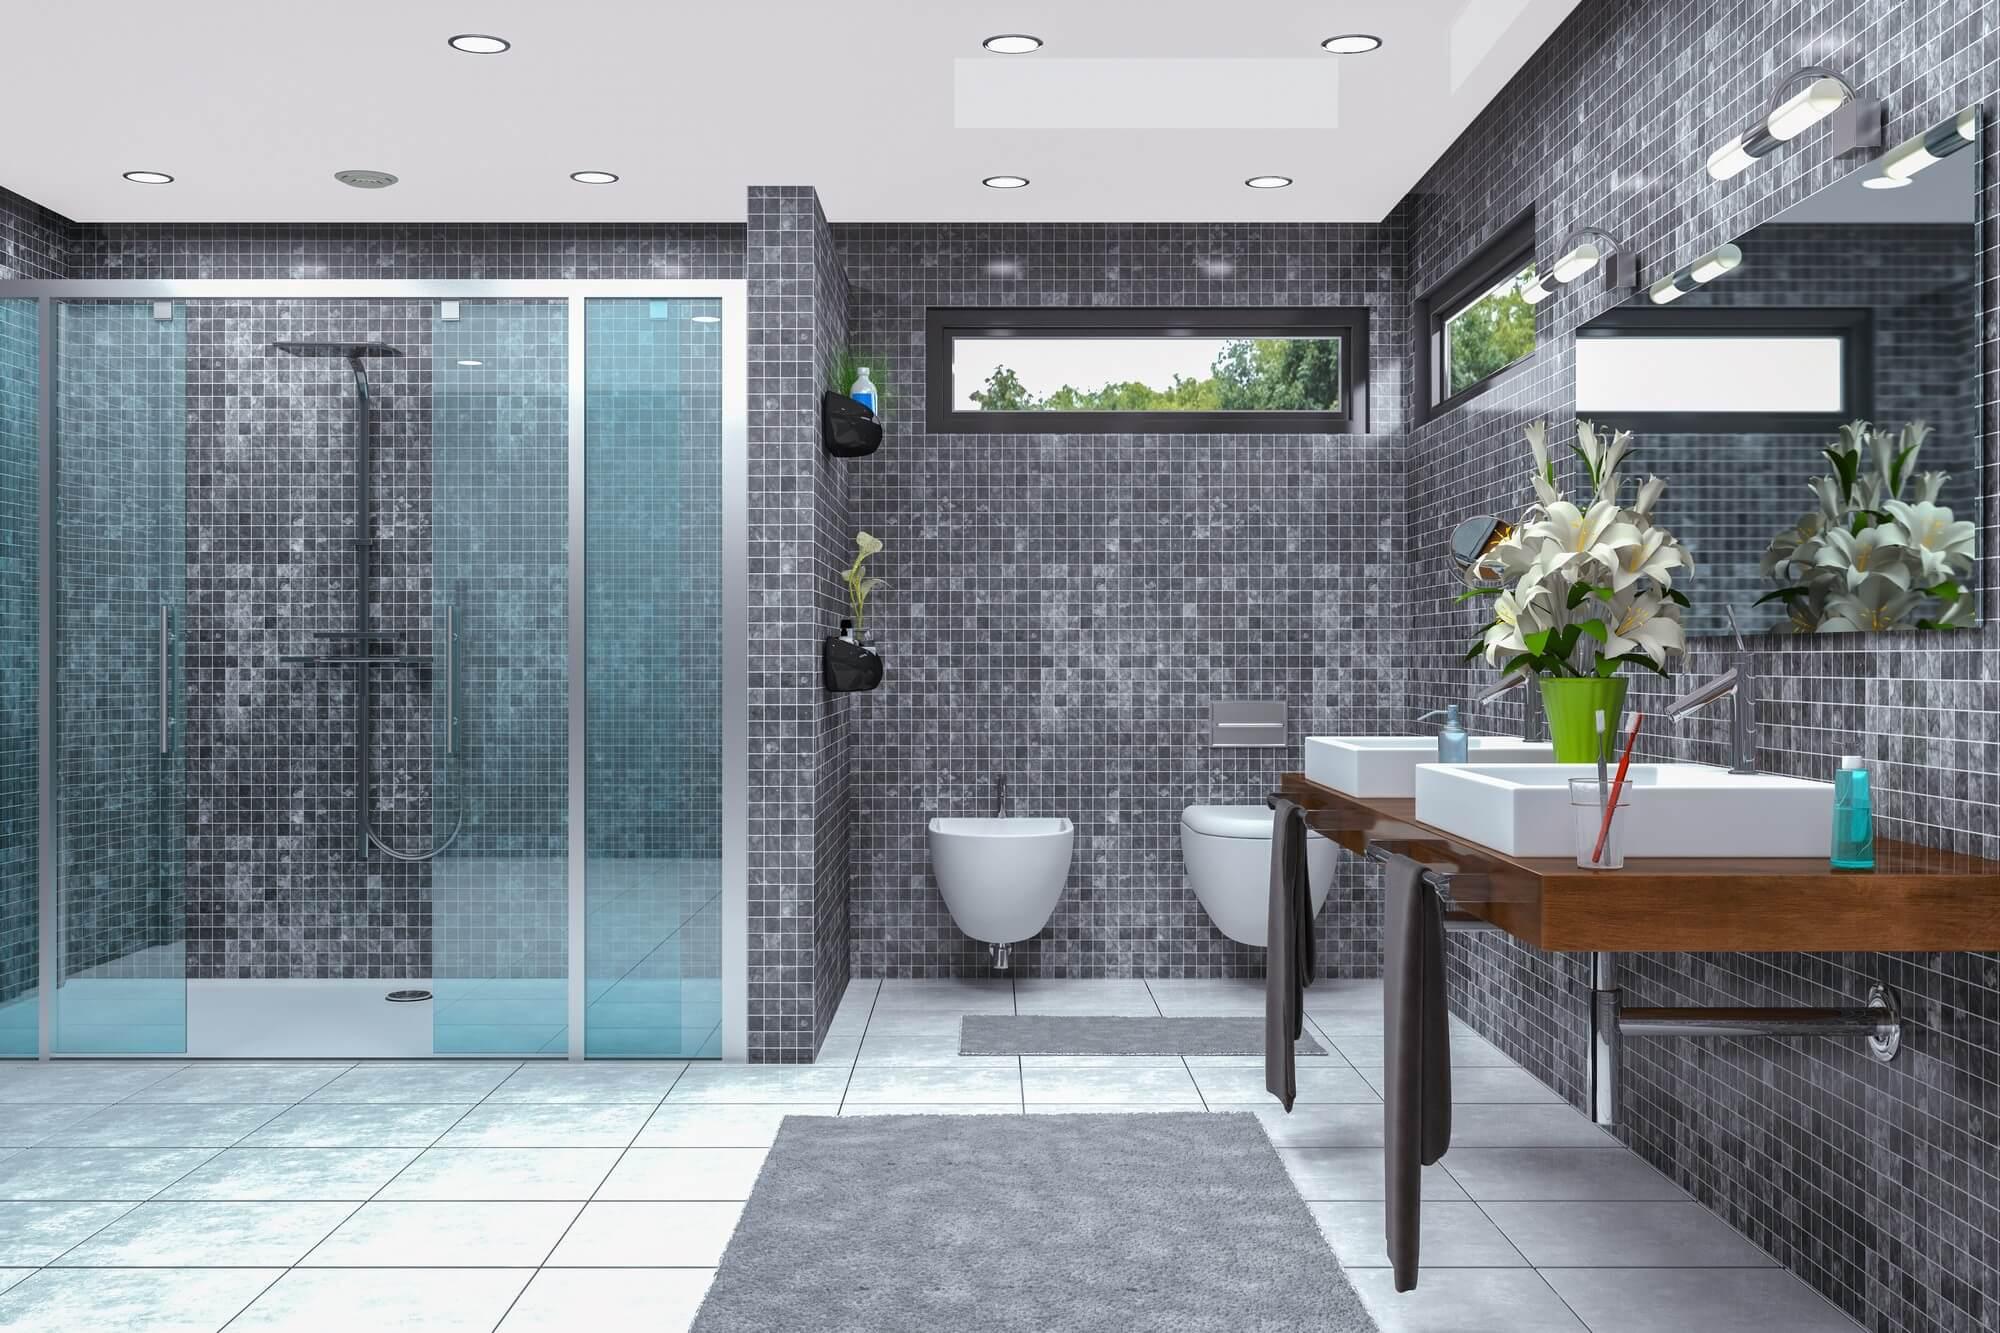 Abdichtung nach DIN 18534: Bodengleiche Duschen